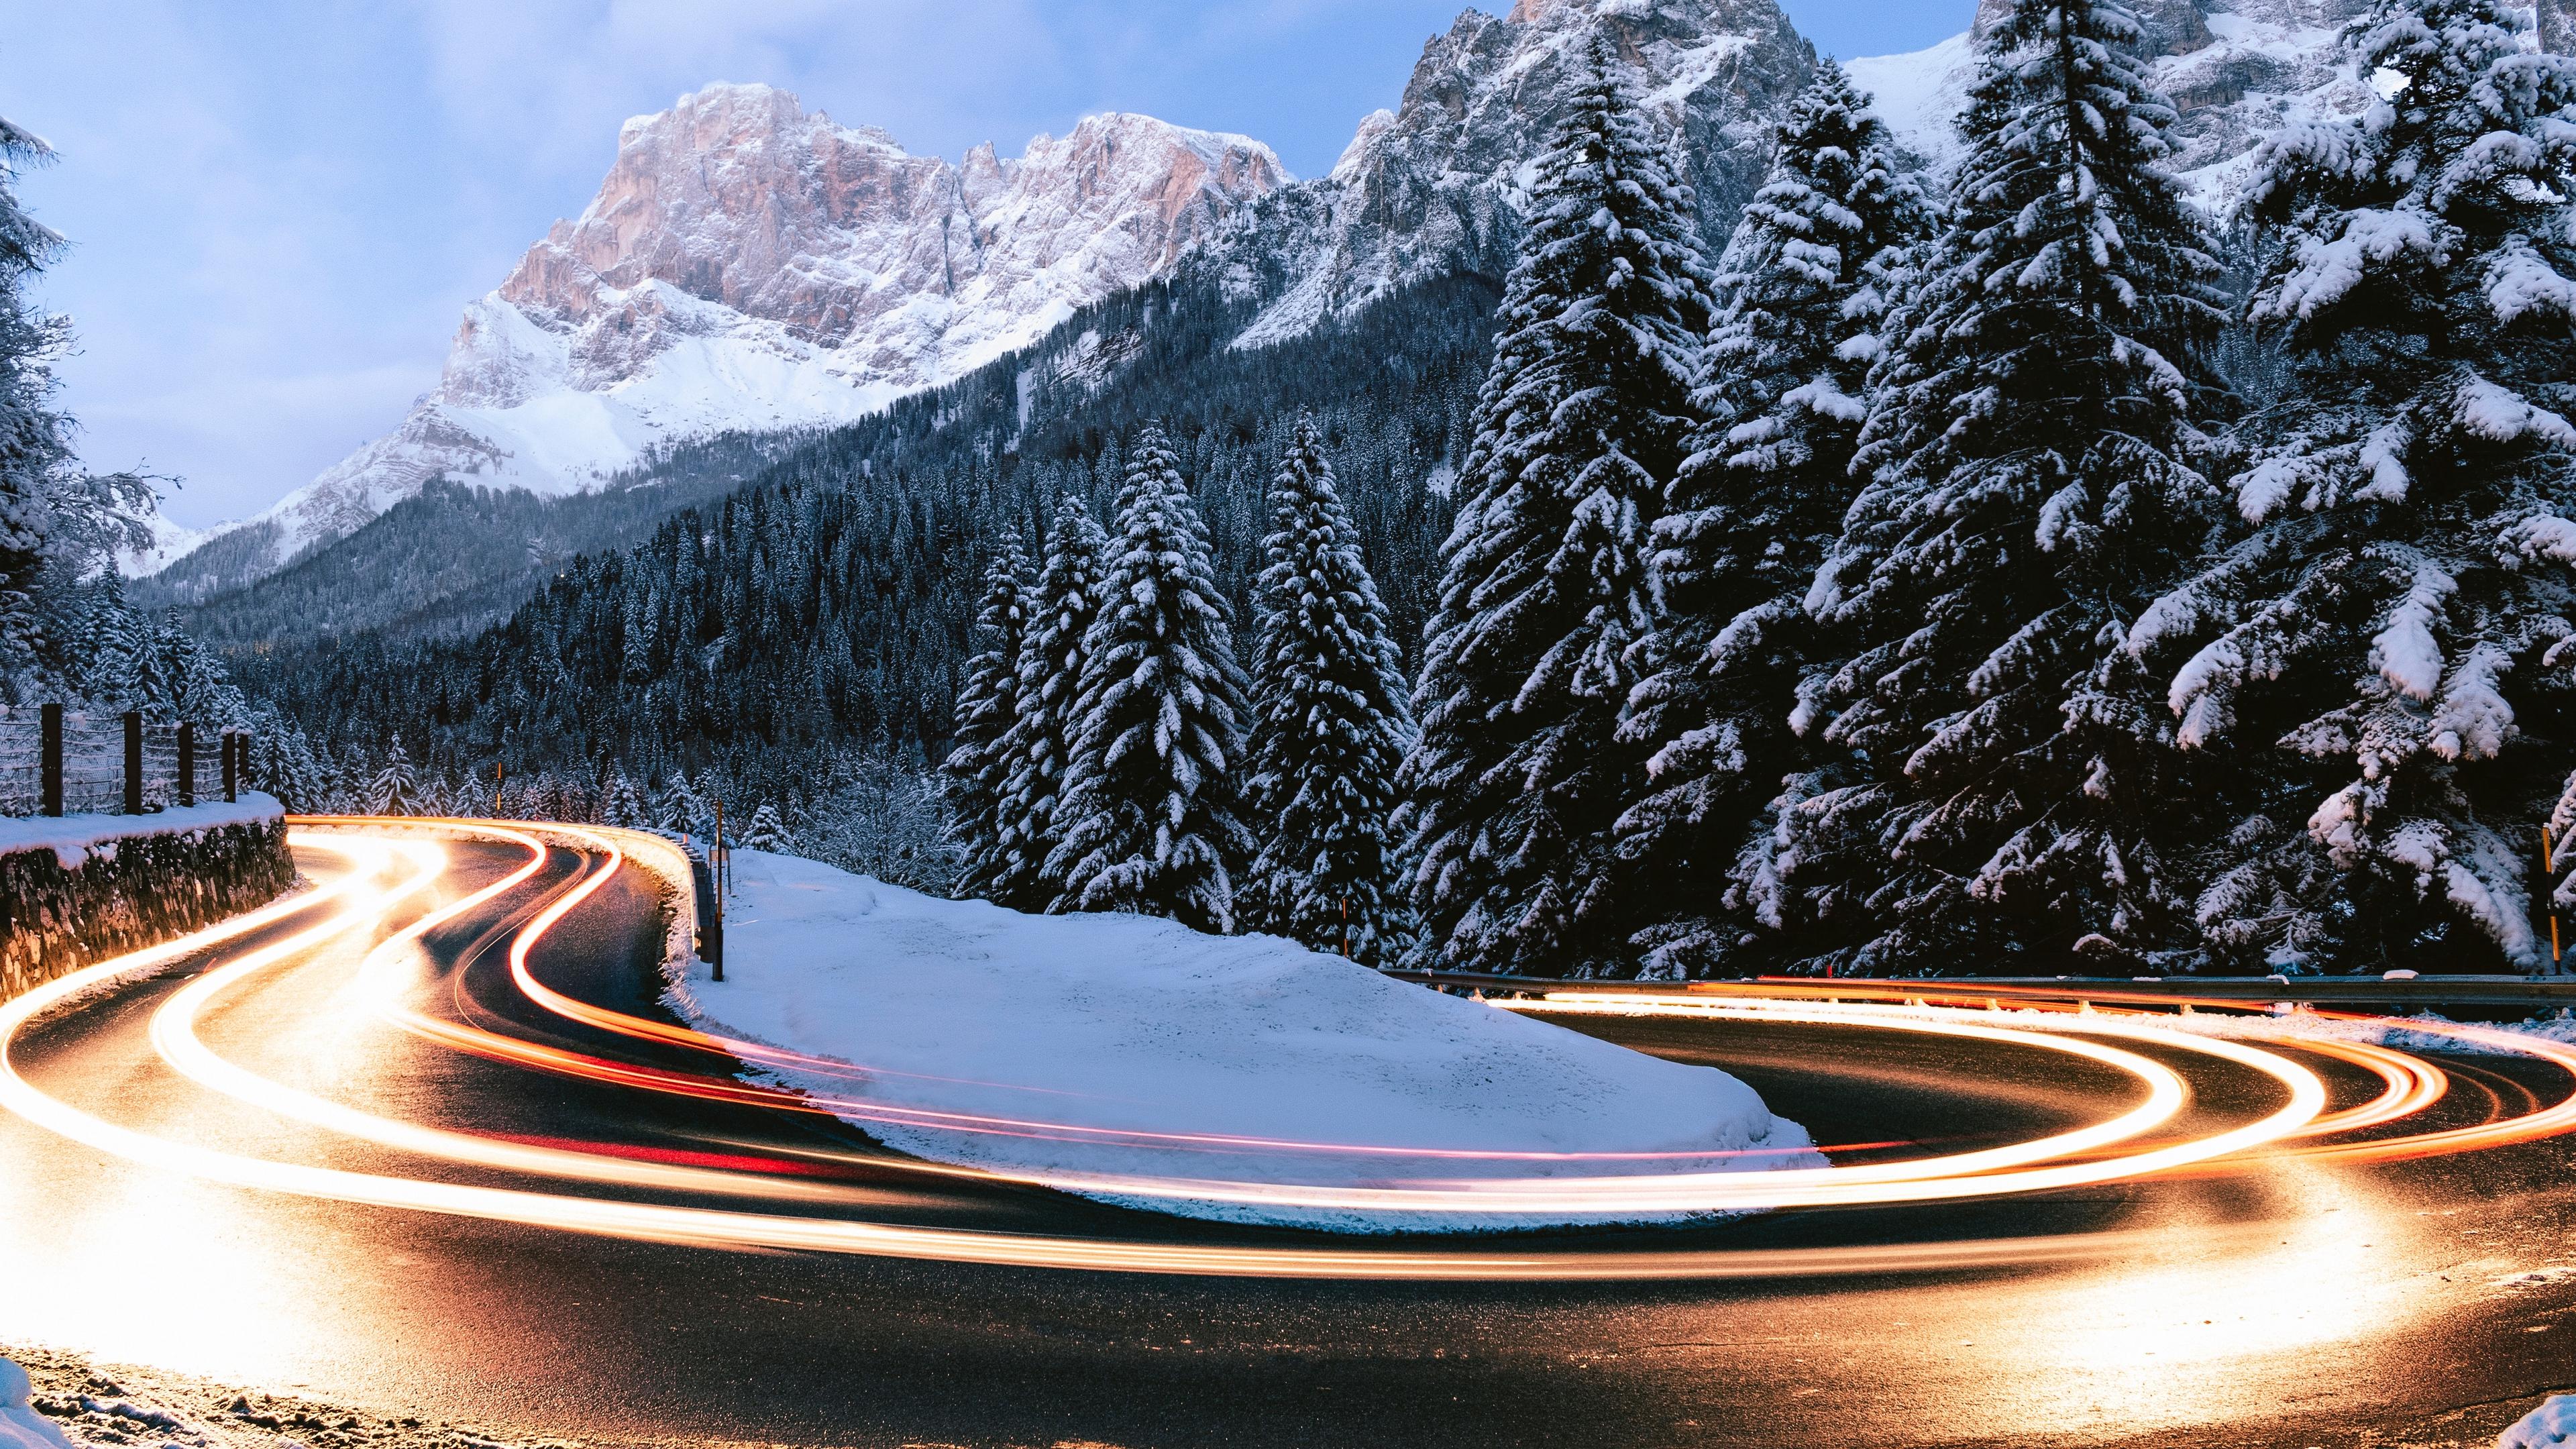 fir winter turn road snow 4k 1541114507 - fir, winter, turn, road, snow 4k - Winter, turn, fir